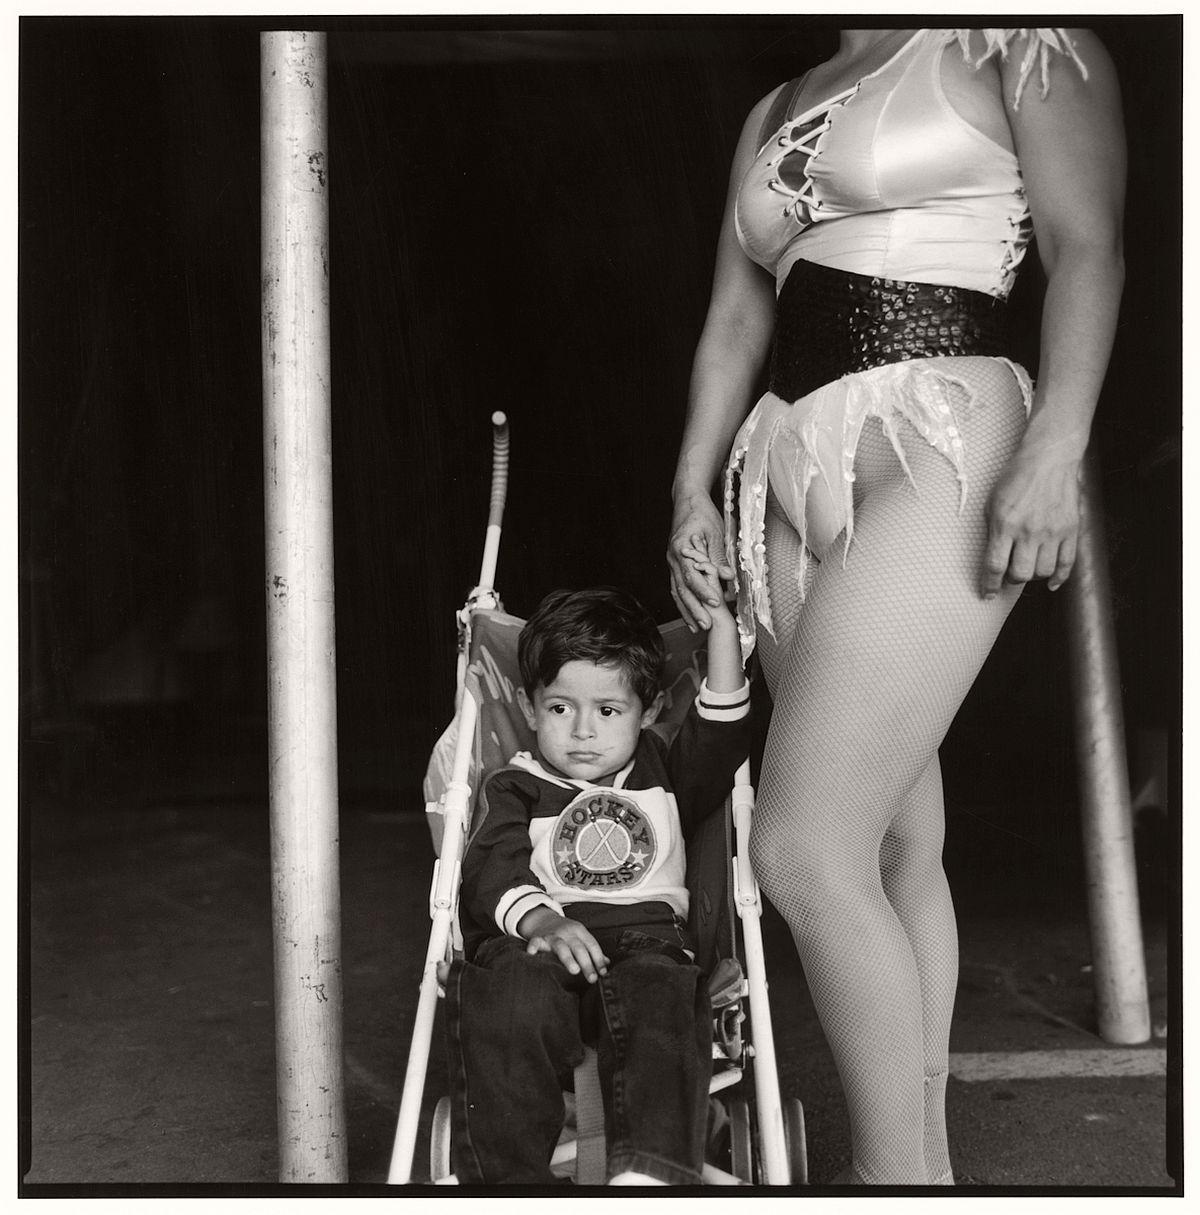 norma-i-quintana-portrait-circus-11